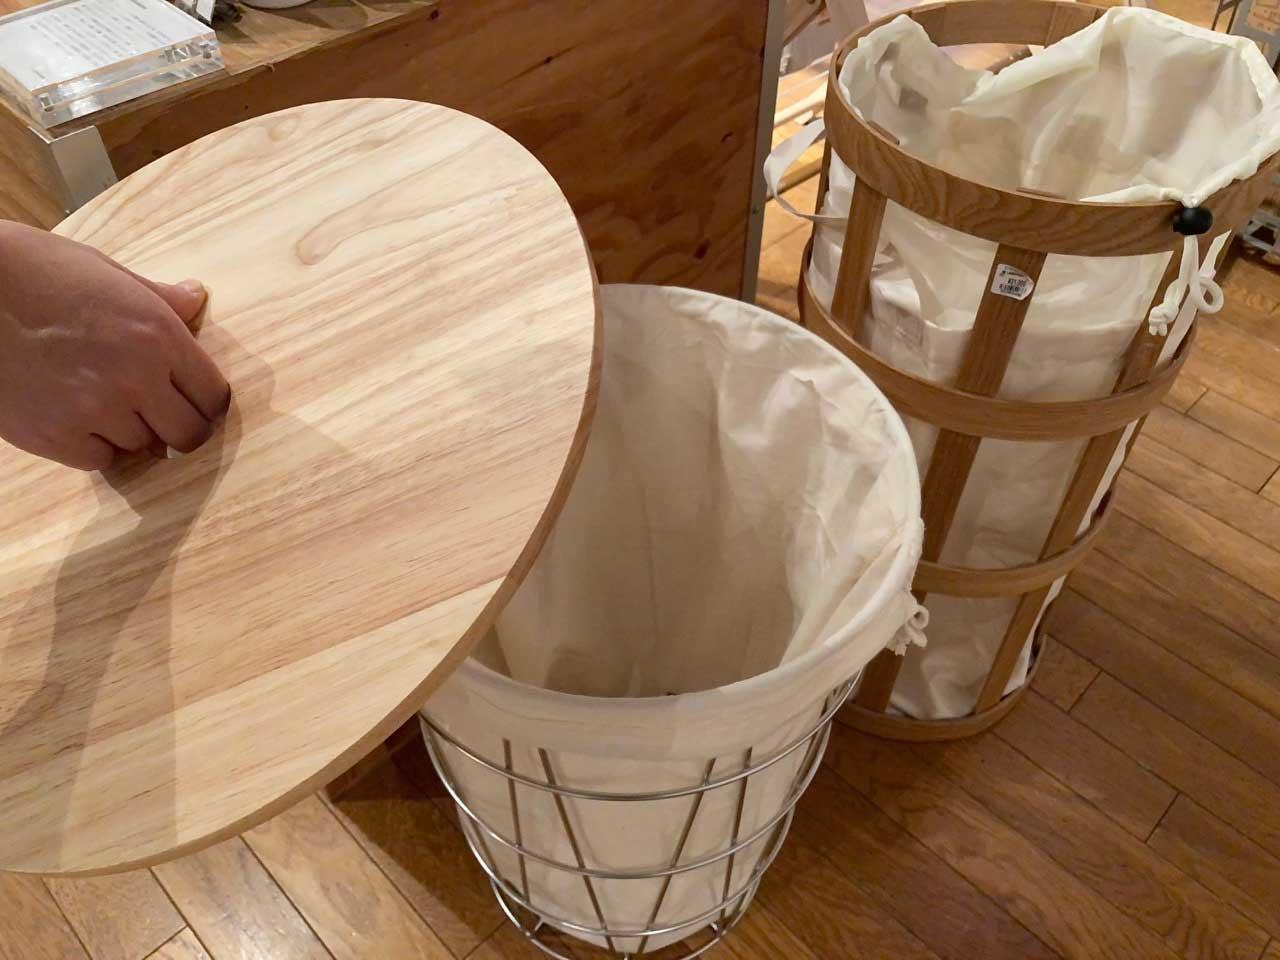 スペースがある場合、洗濯カゴの代わりに新しいゴミ箱を使う